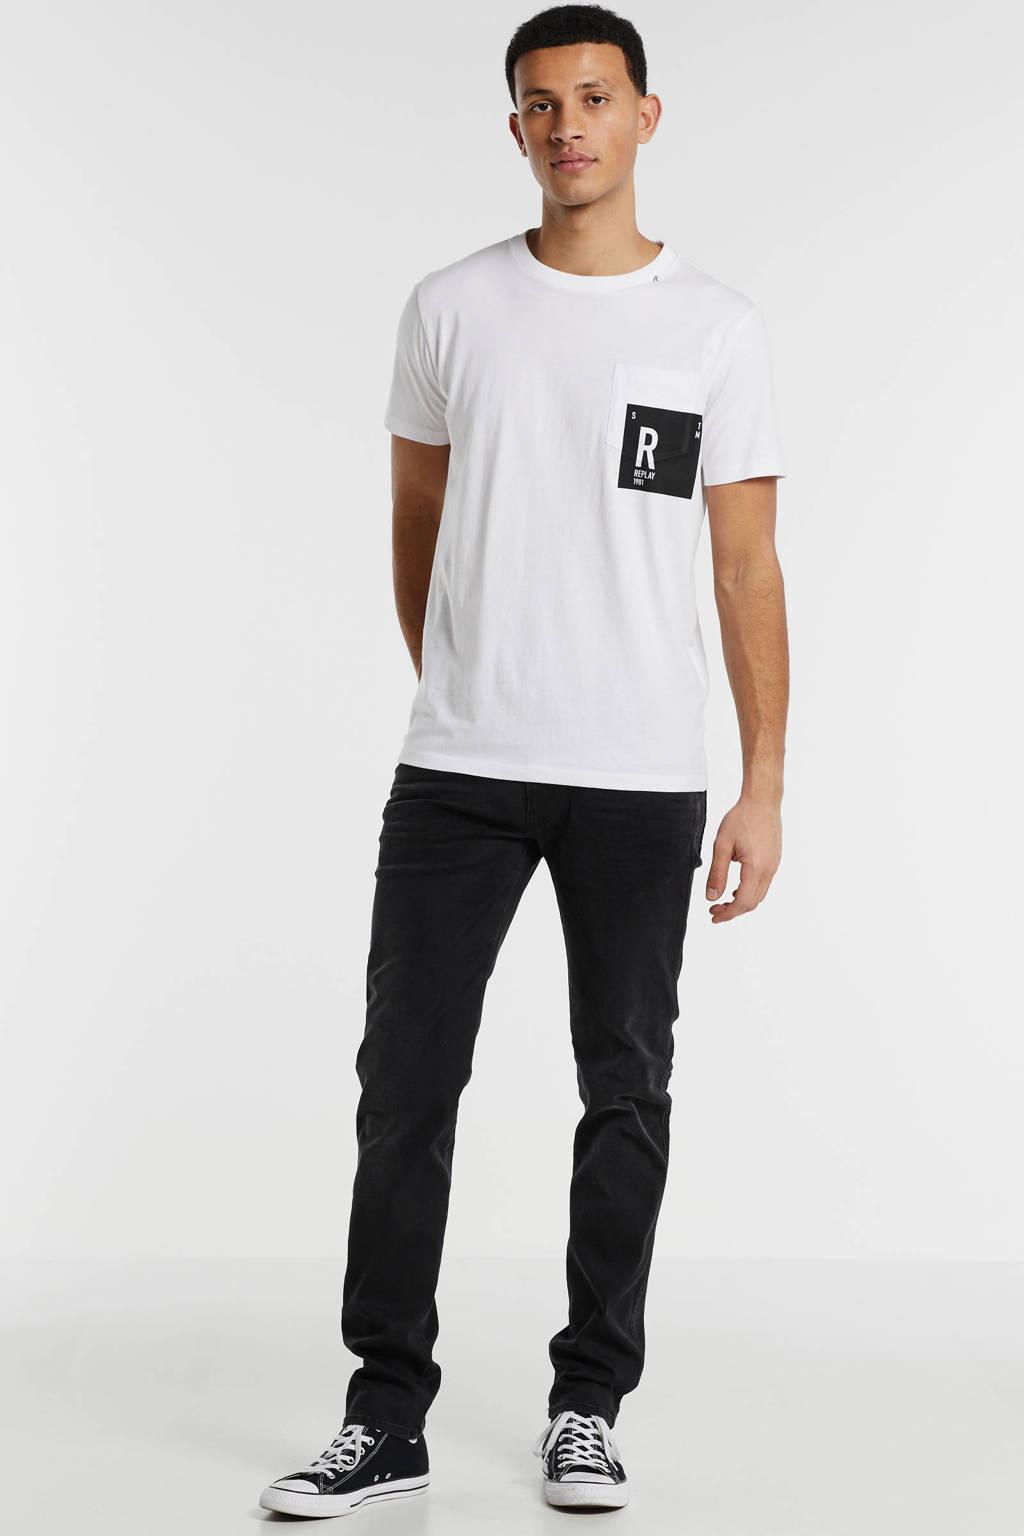 REPLAY T-shirt met logo wit, Wit